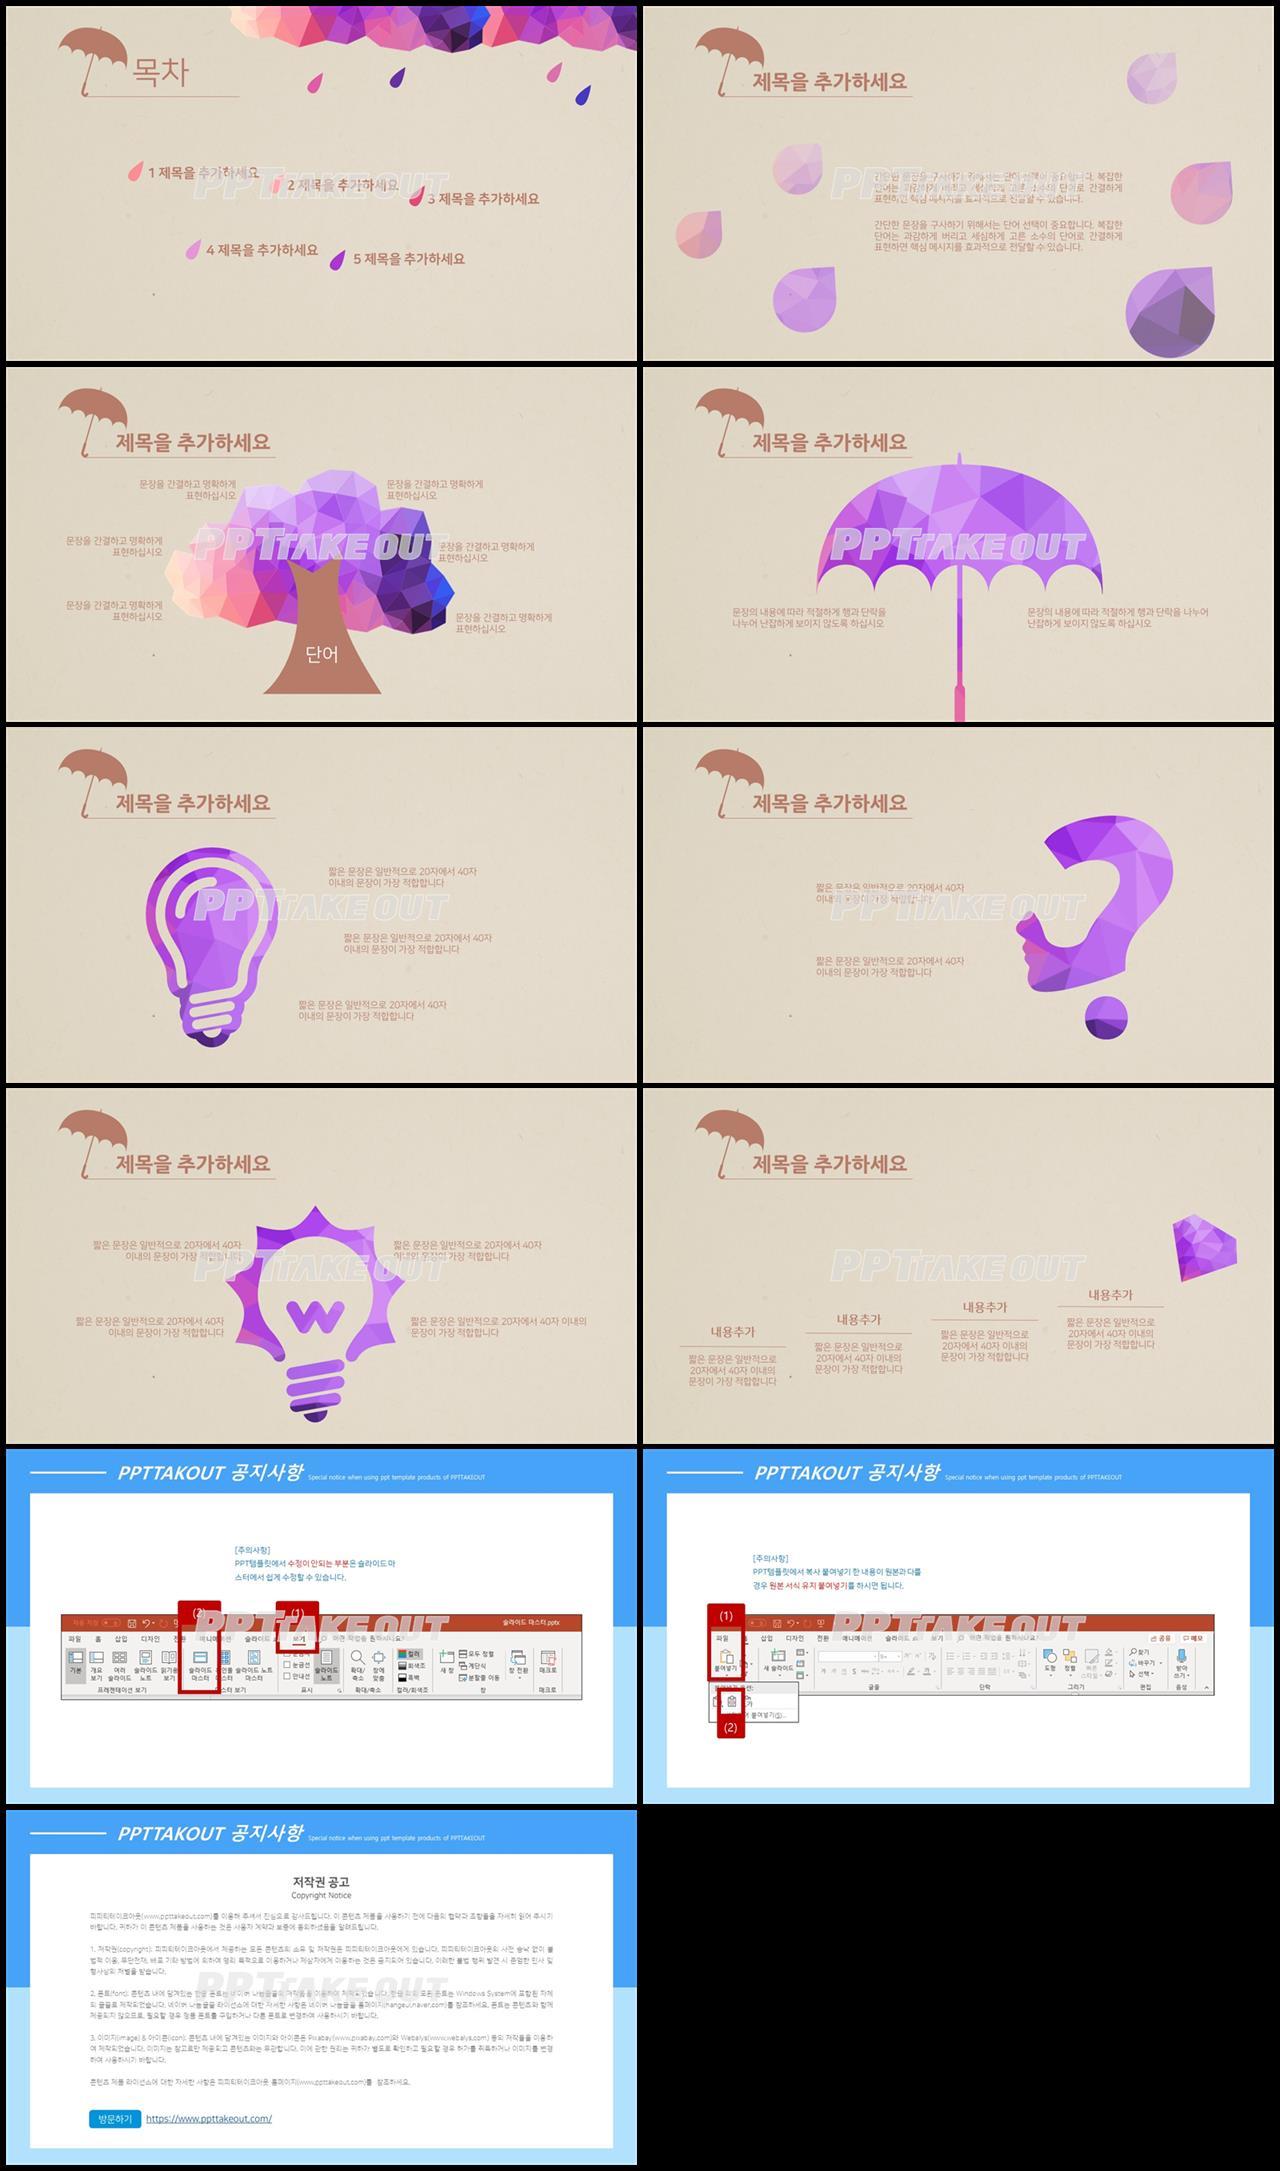 자주색 애니메이션 다양한 주제에 어울리는 무료 파워포인트샘플 디자인 상세보기